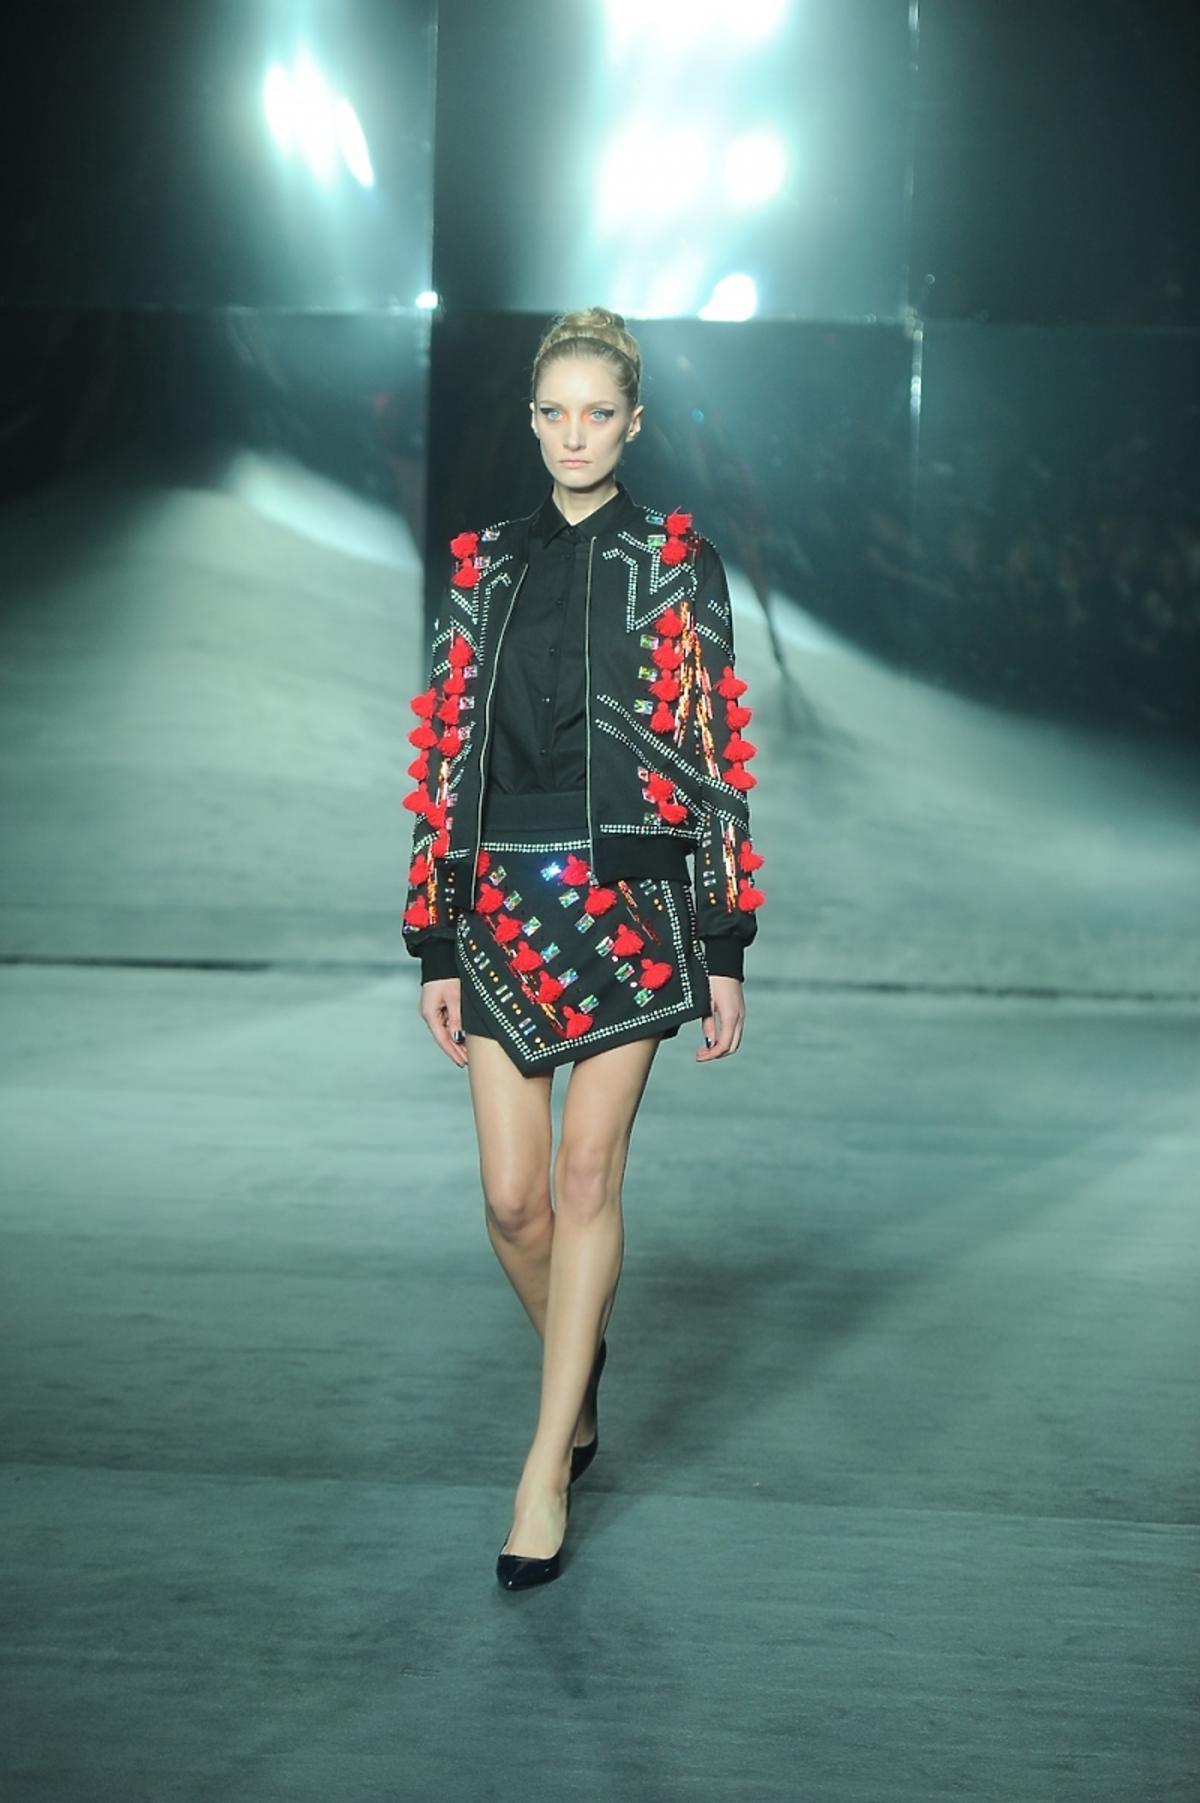 Modelka w czarno-czerwonej bluzie z kryształami i spódnicy od Mariusza Przybylskiego